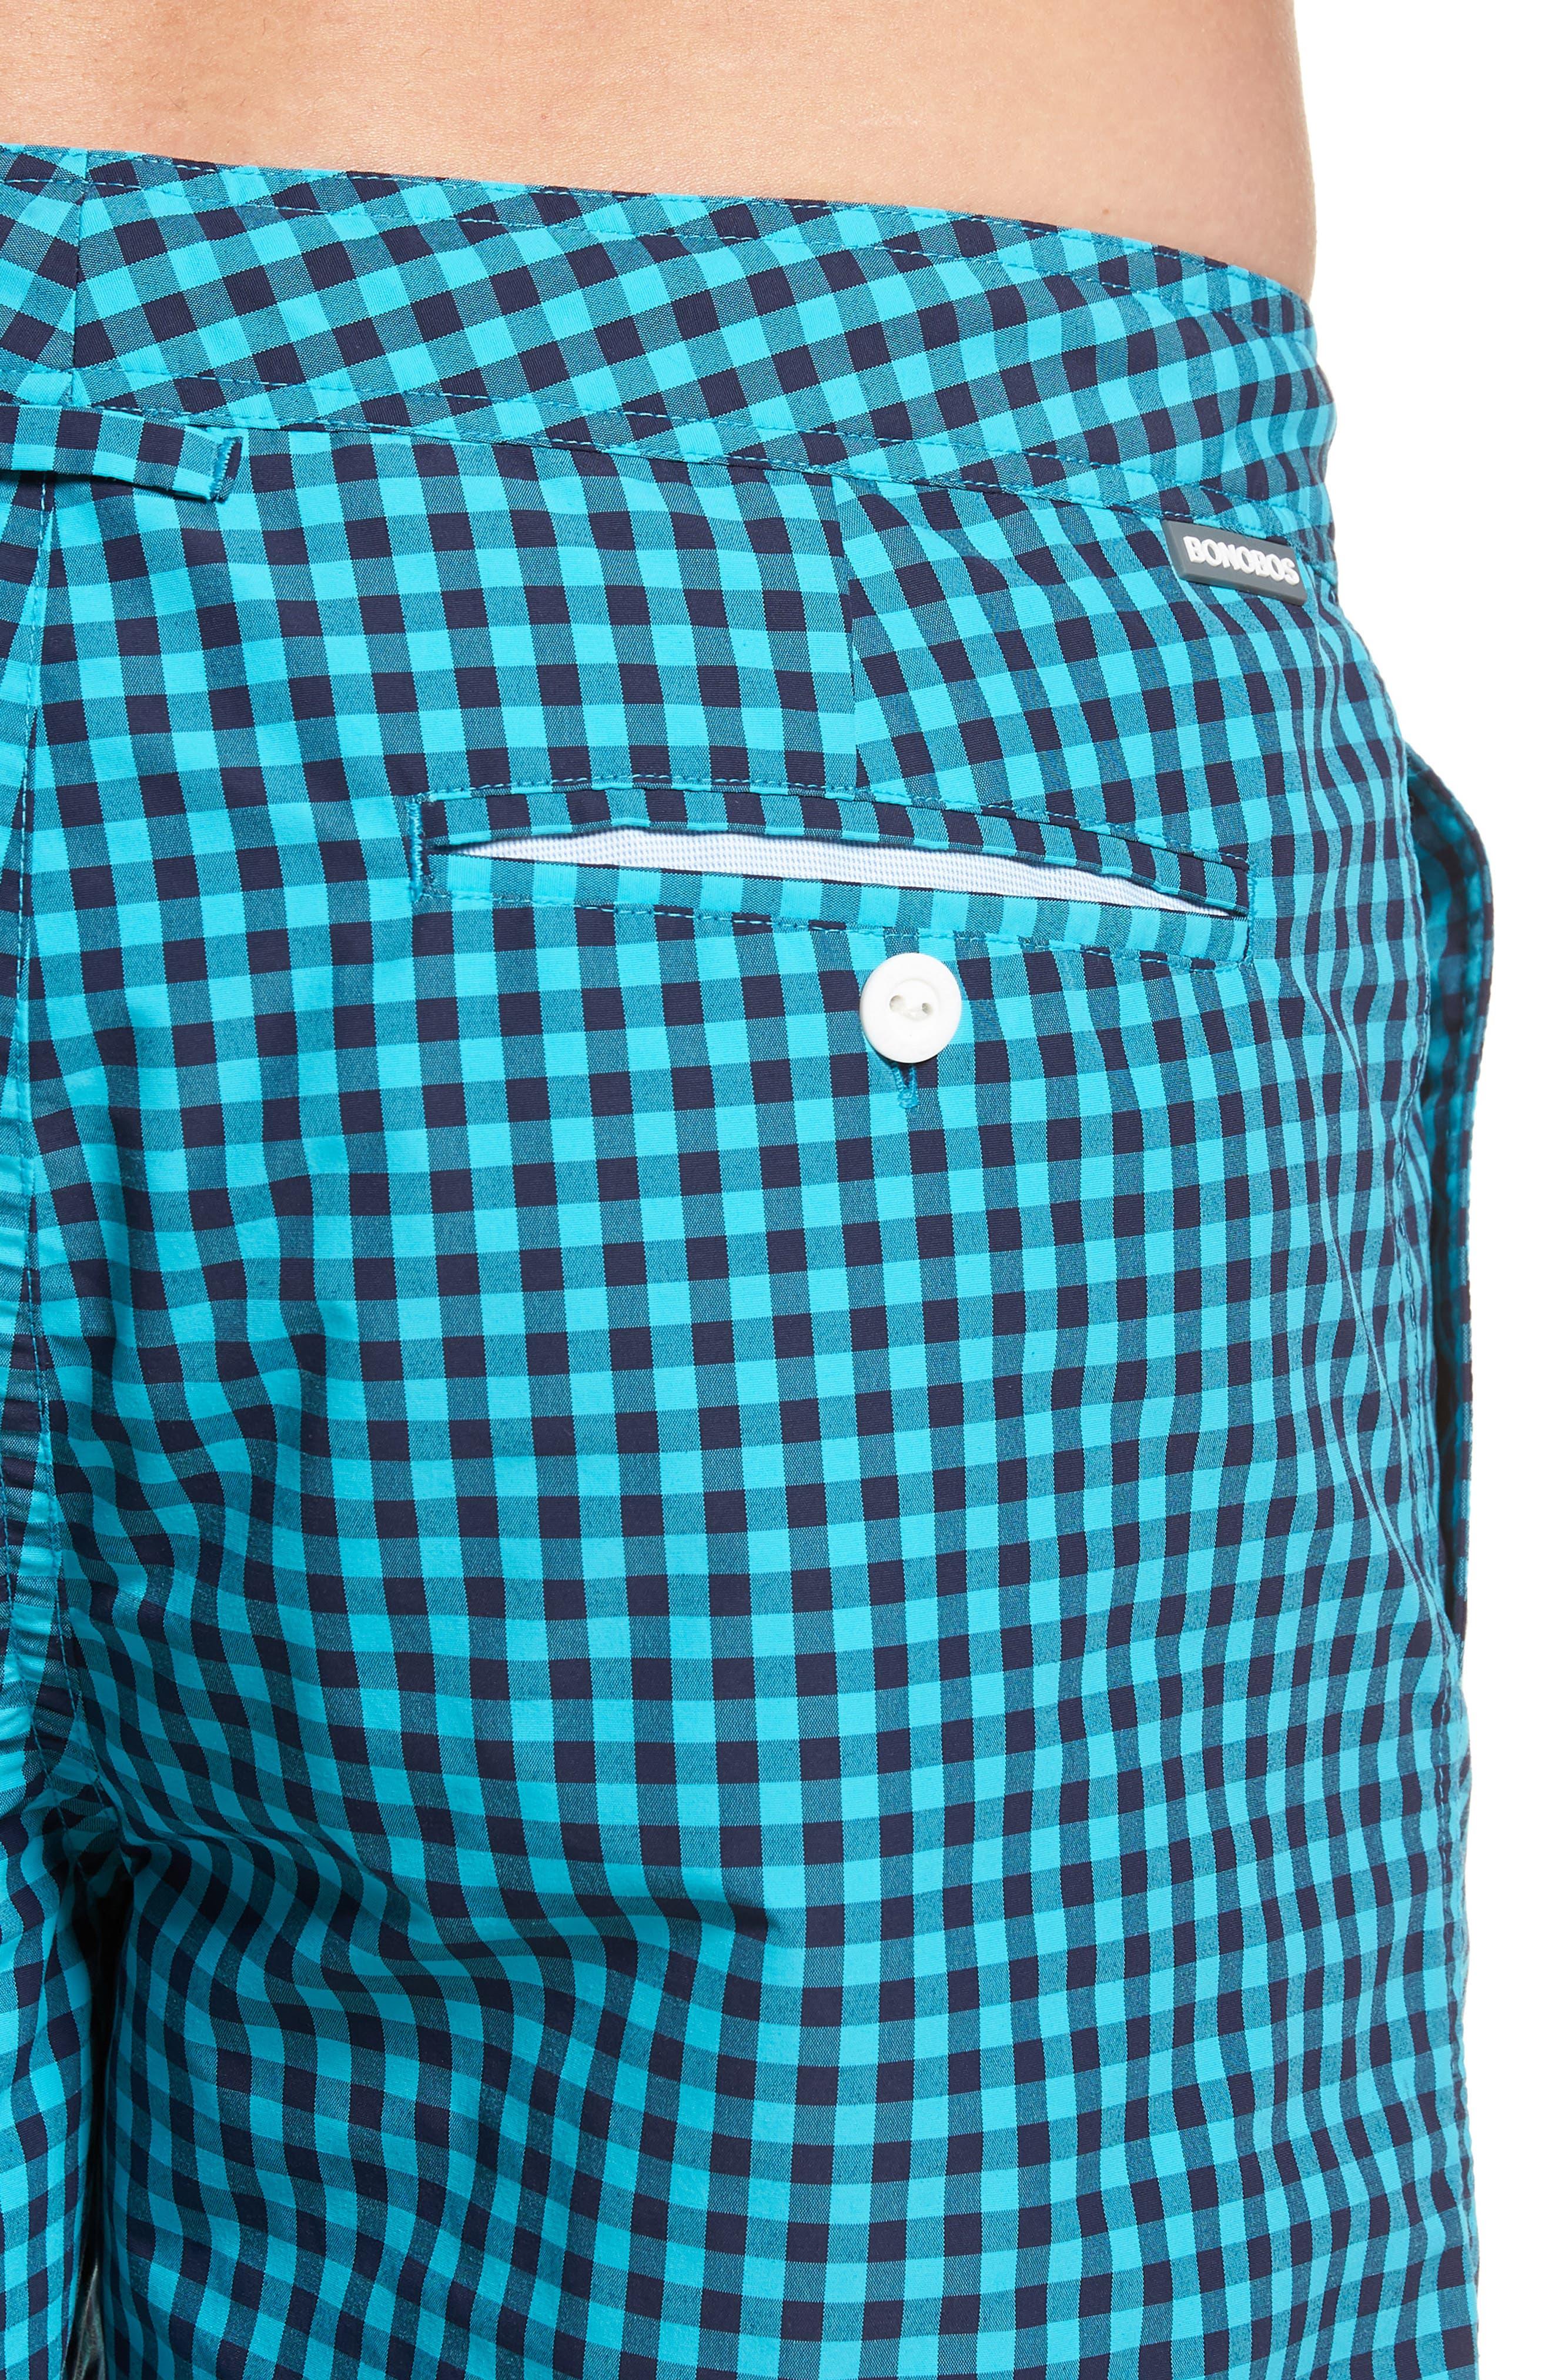 Gingham 7-Inch Swim Trunks,                             Alternate thumbnail 4, color,                             Gulfstream Gingham Scuba Blue